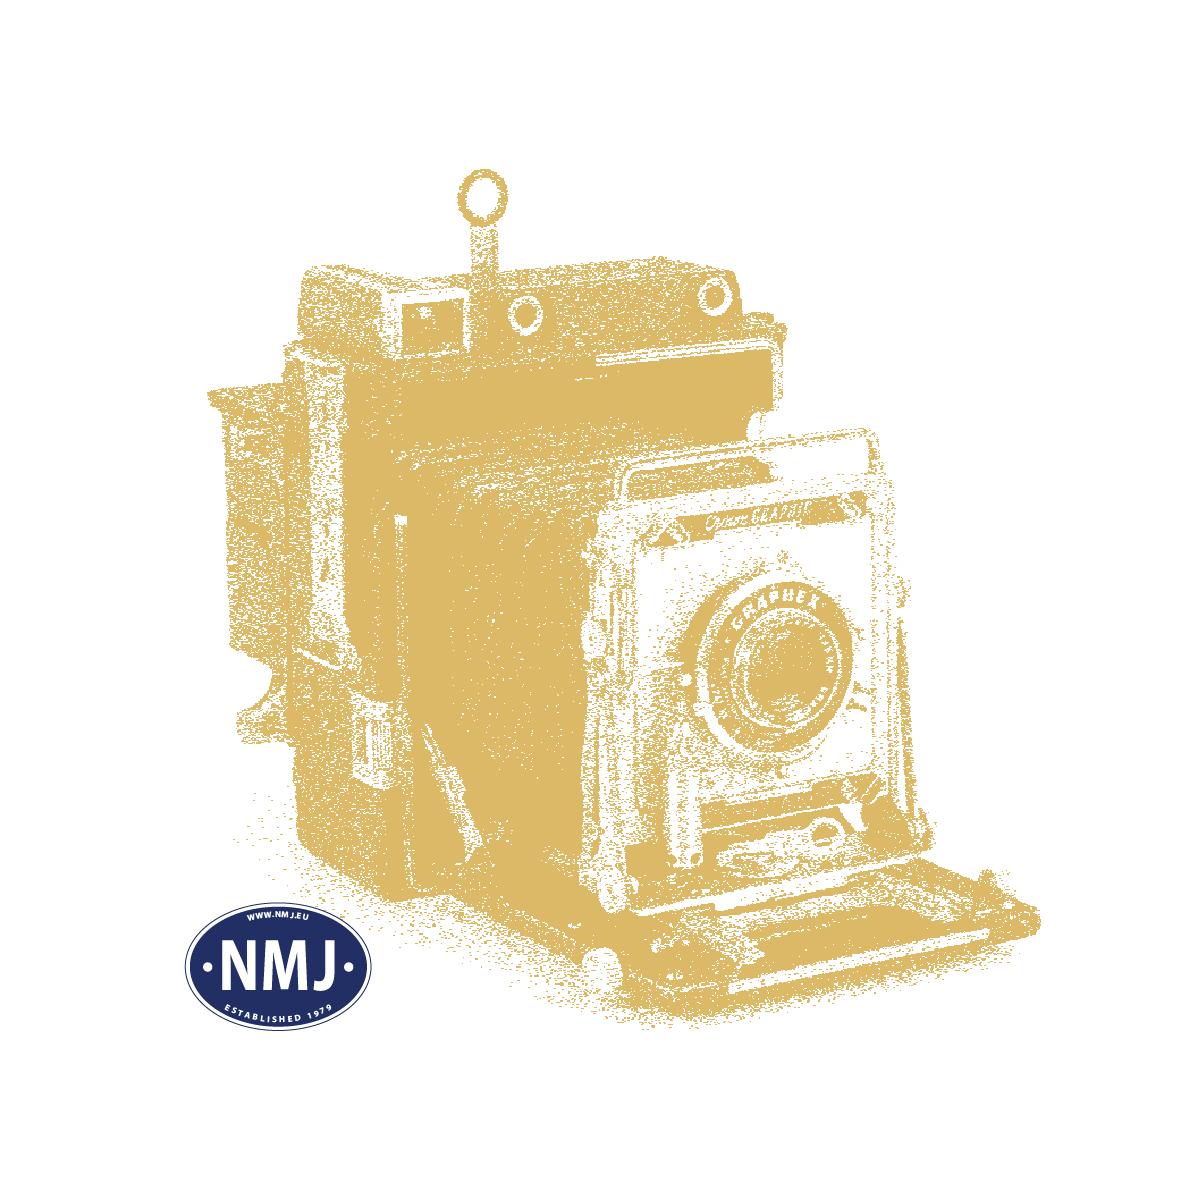 Superline Vogner, NMJS-Tl4 7109-Superline-NSB-Tl4-7121-handmade-brass-HO , NMJSLt47109